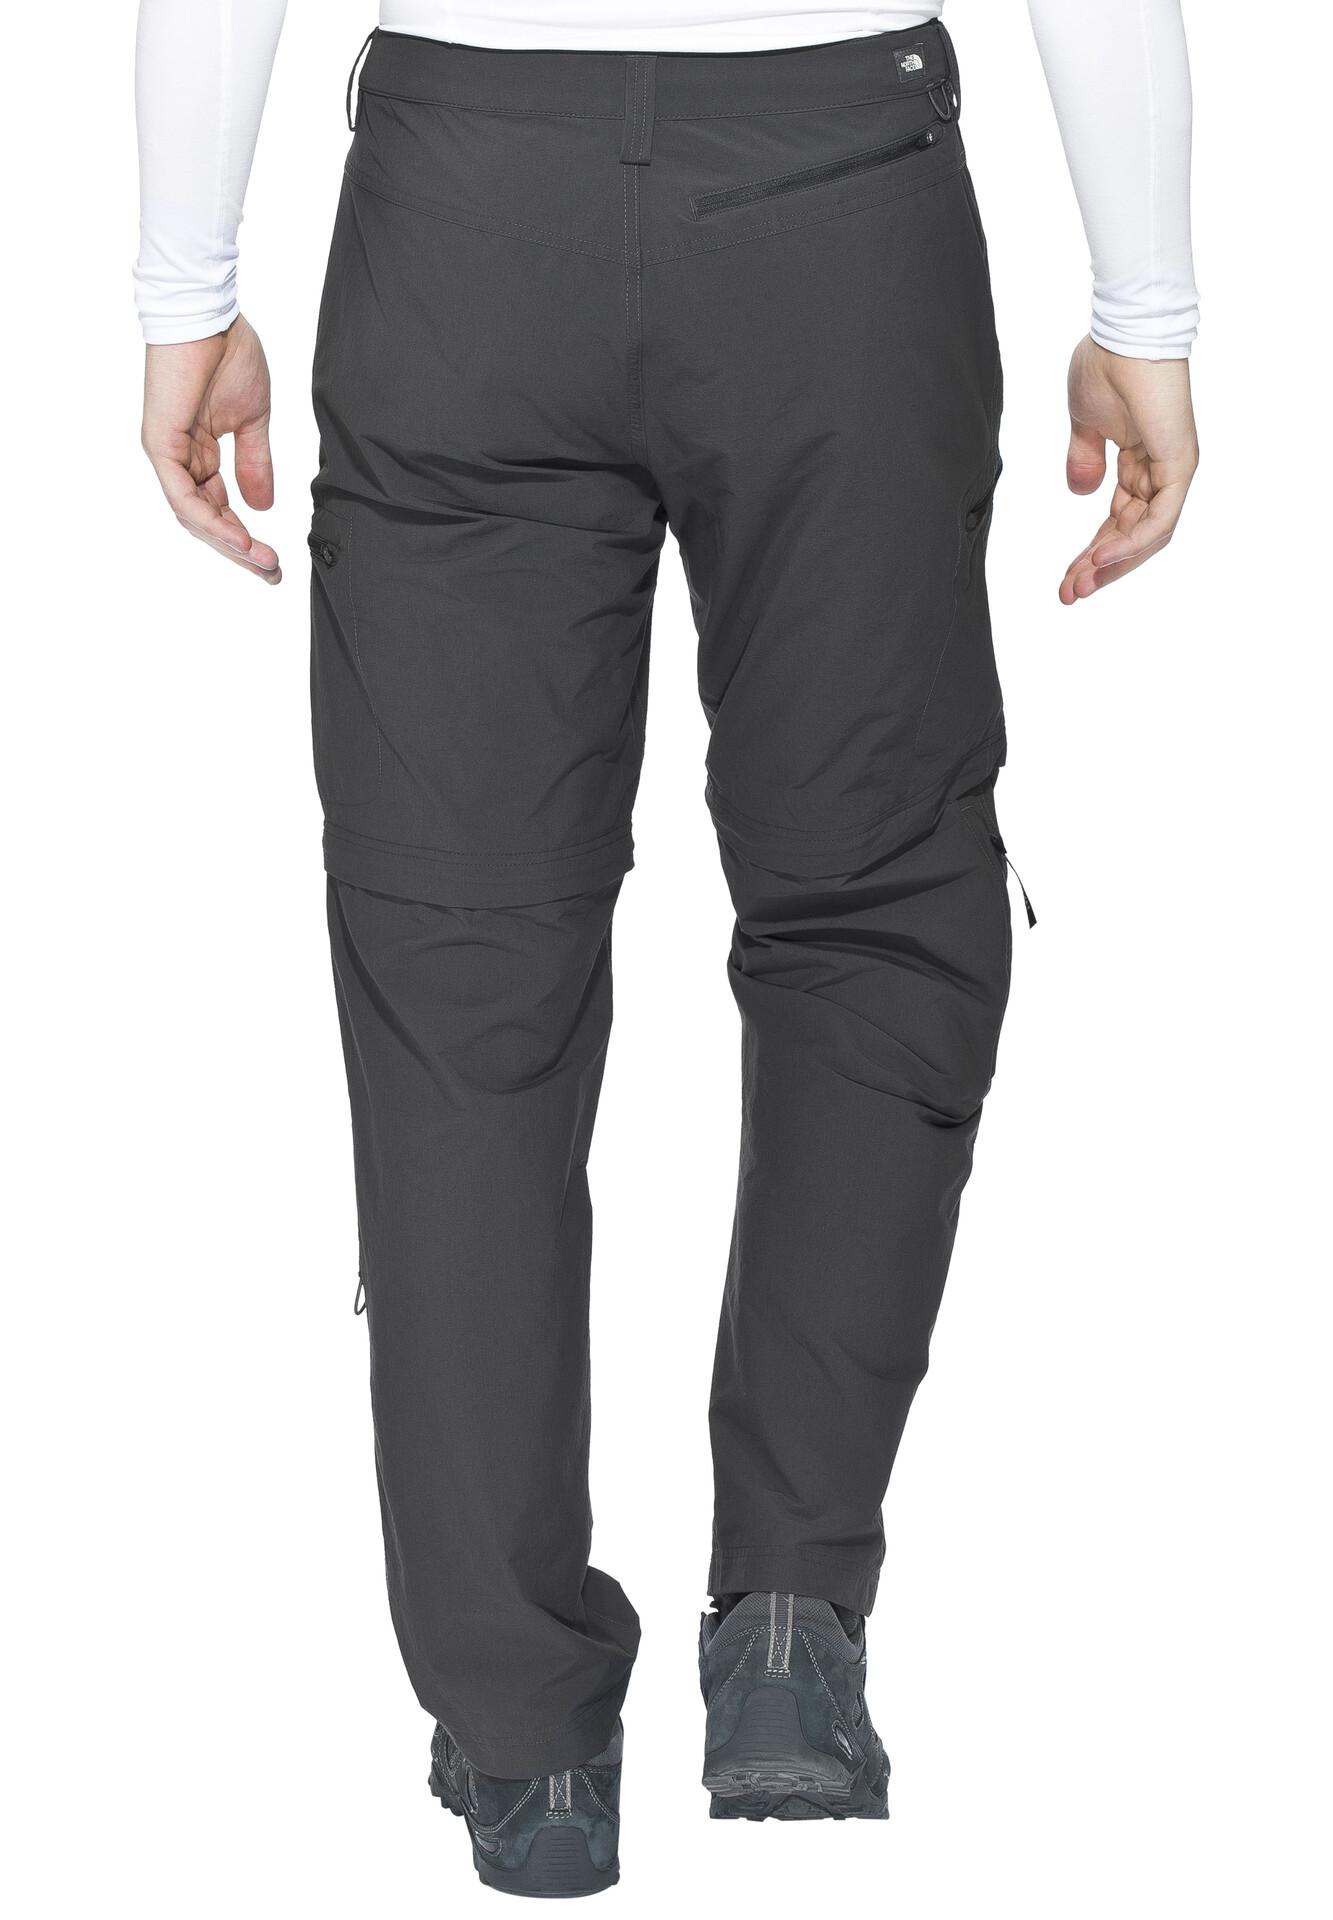 pantalon north face hombre desmontable